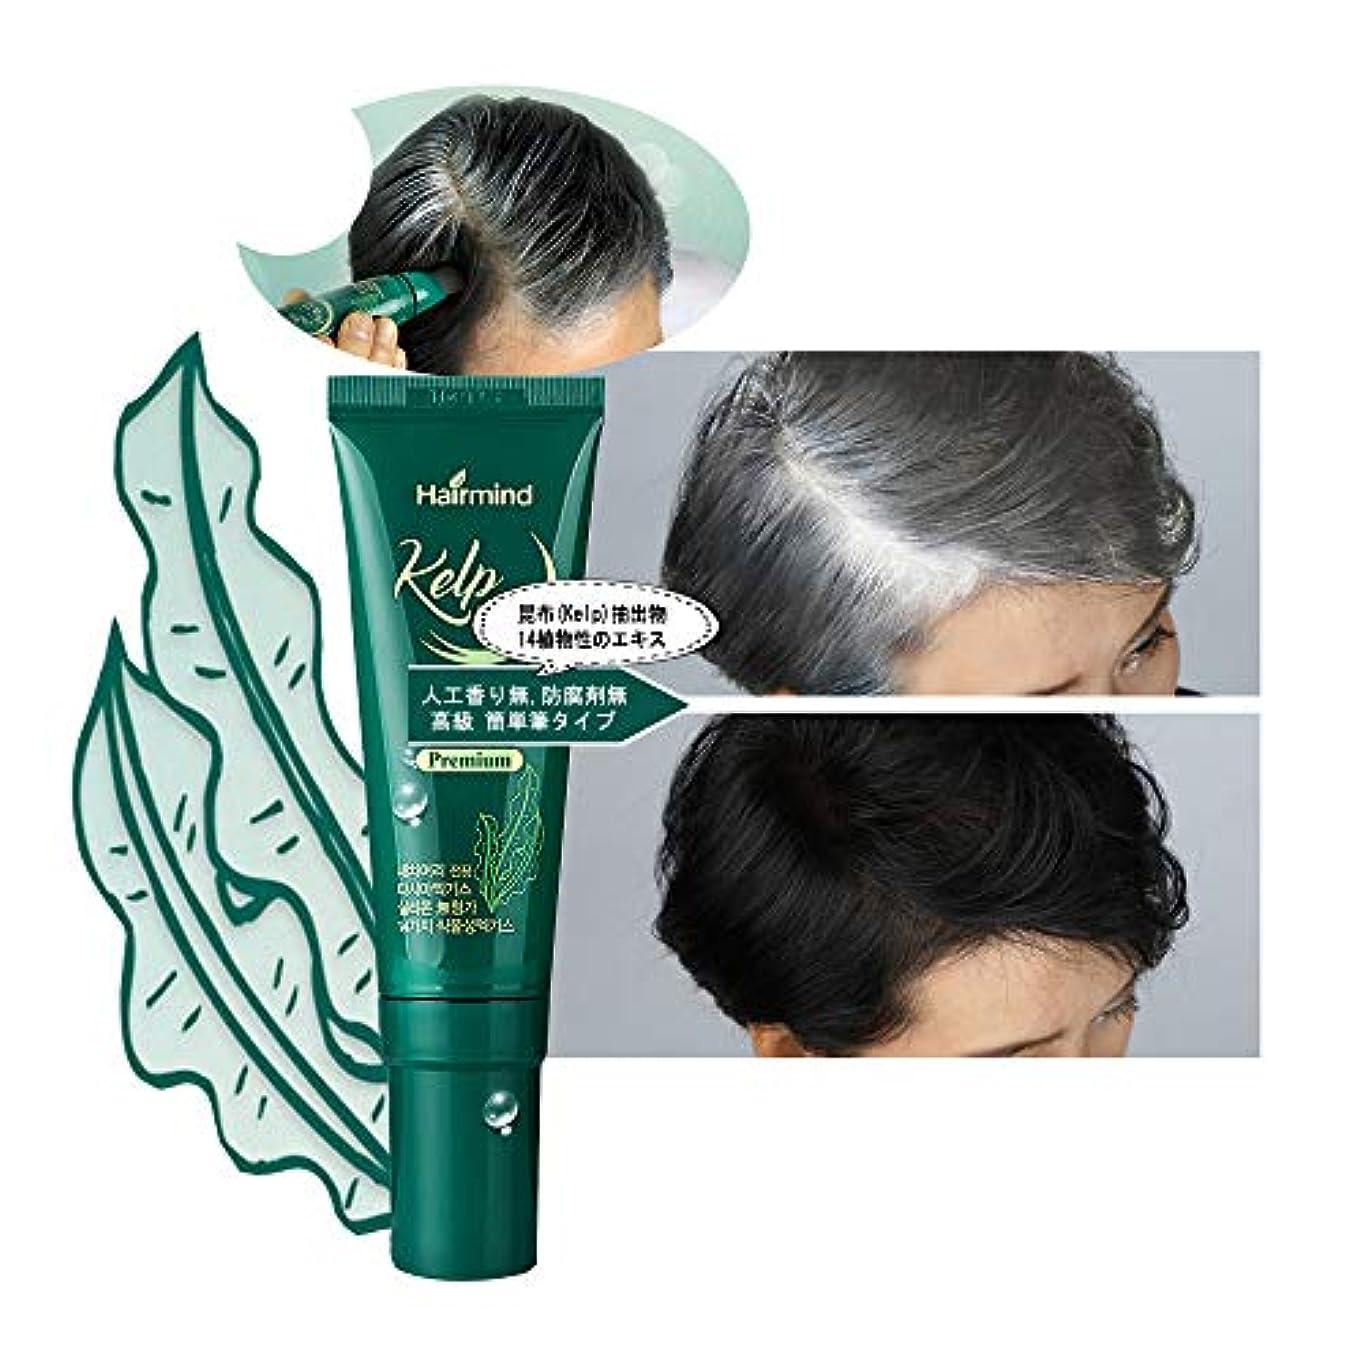 統治するスチュワーデスそのような高級 部分毛染 グレーヘアカバー 頭皮健康昆布抽出物 毛染め 40ml 筆タイプ 並行輸入 (Dark Brown)